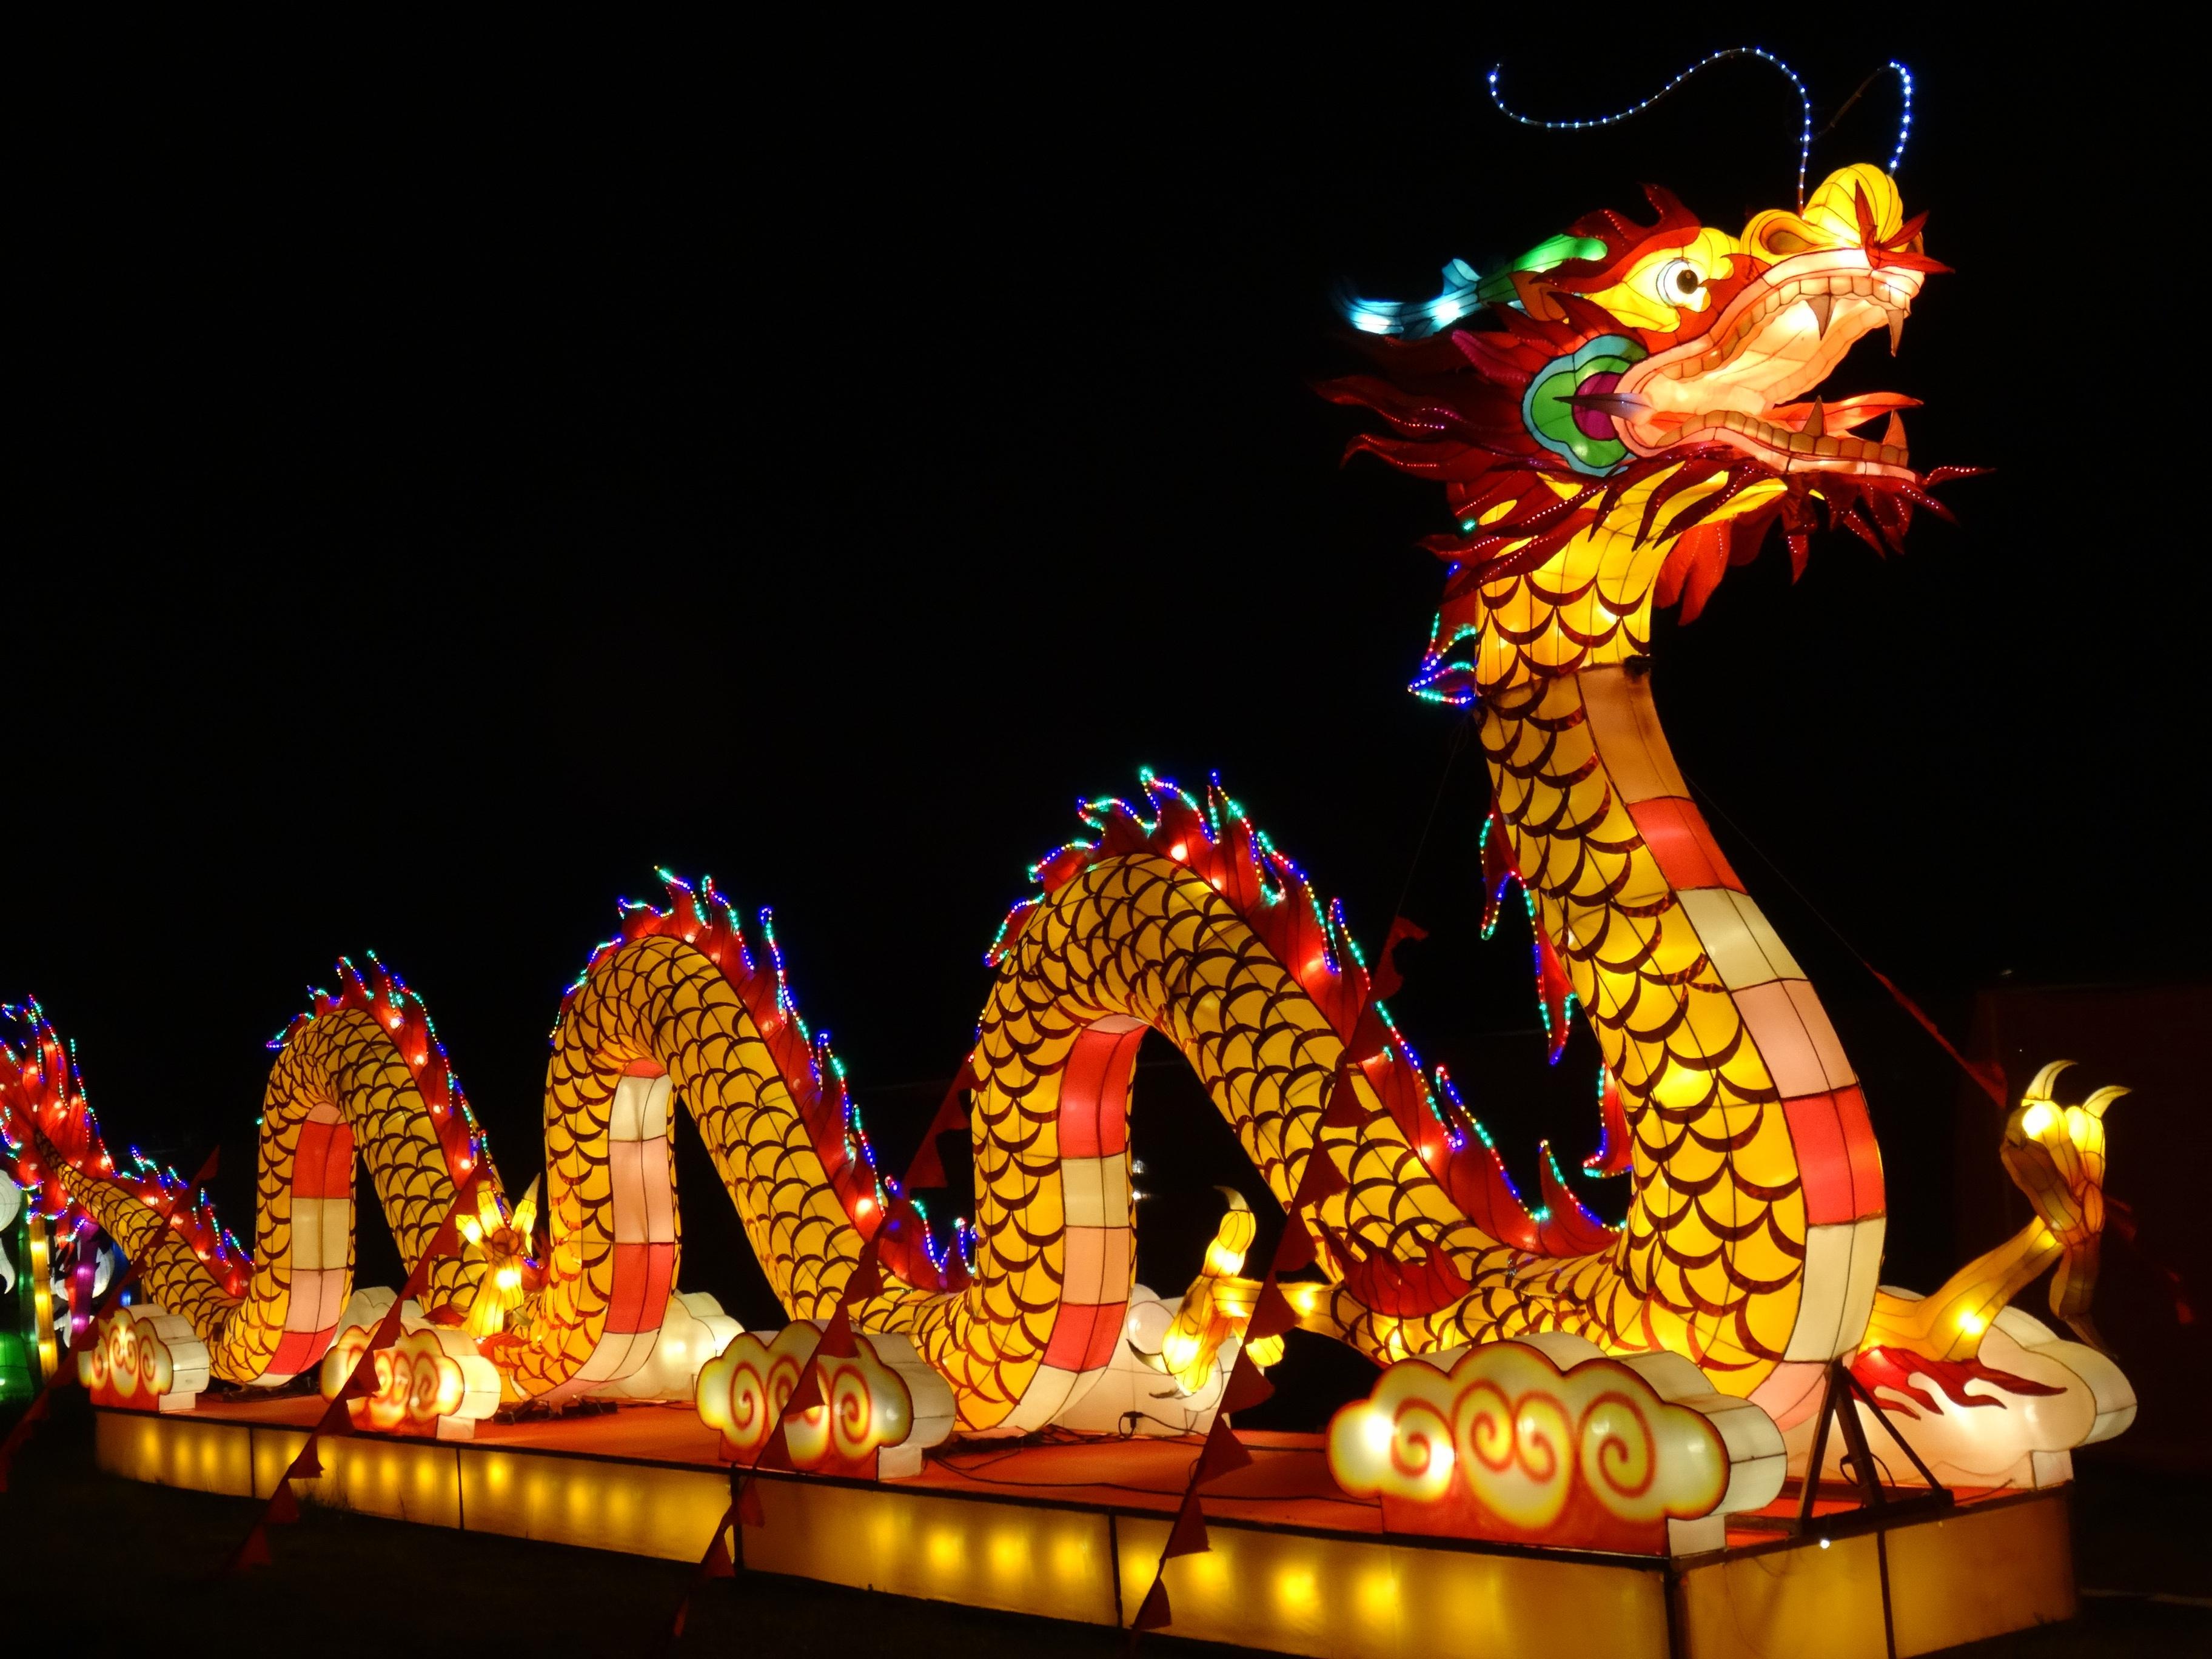 Free Images : night, carnival, lighting, fete, lanterns